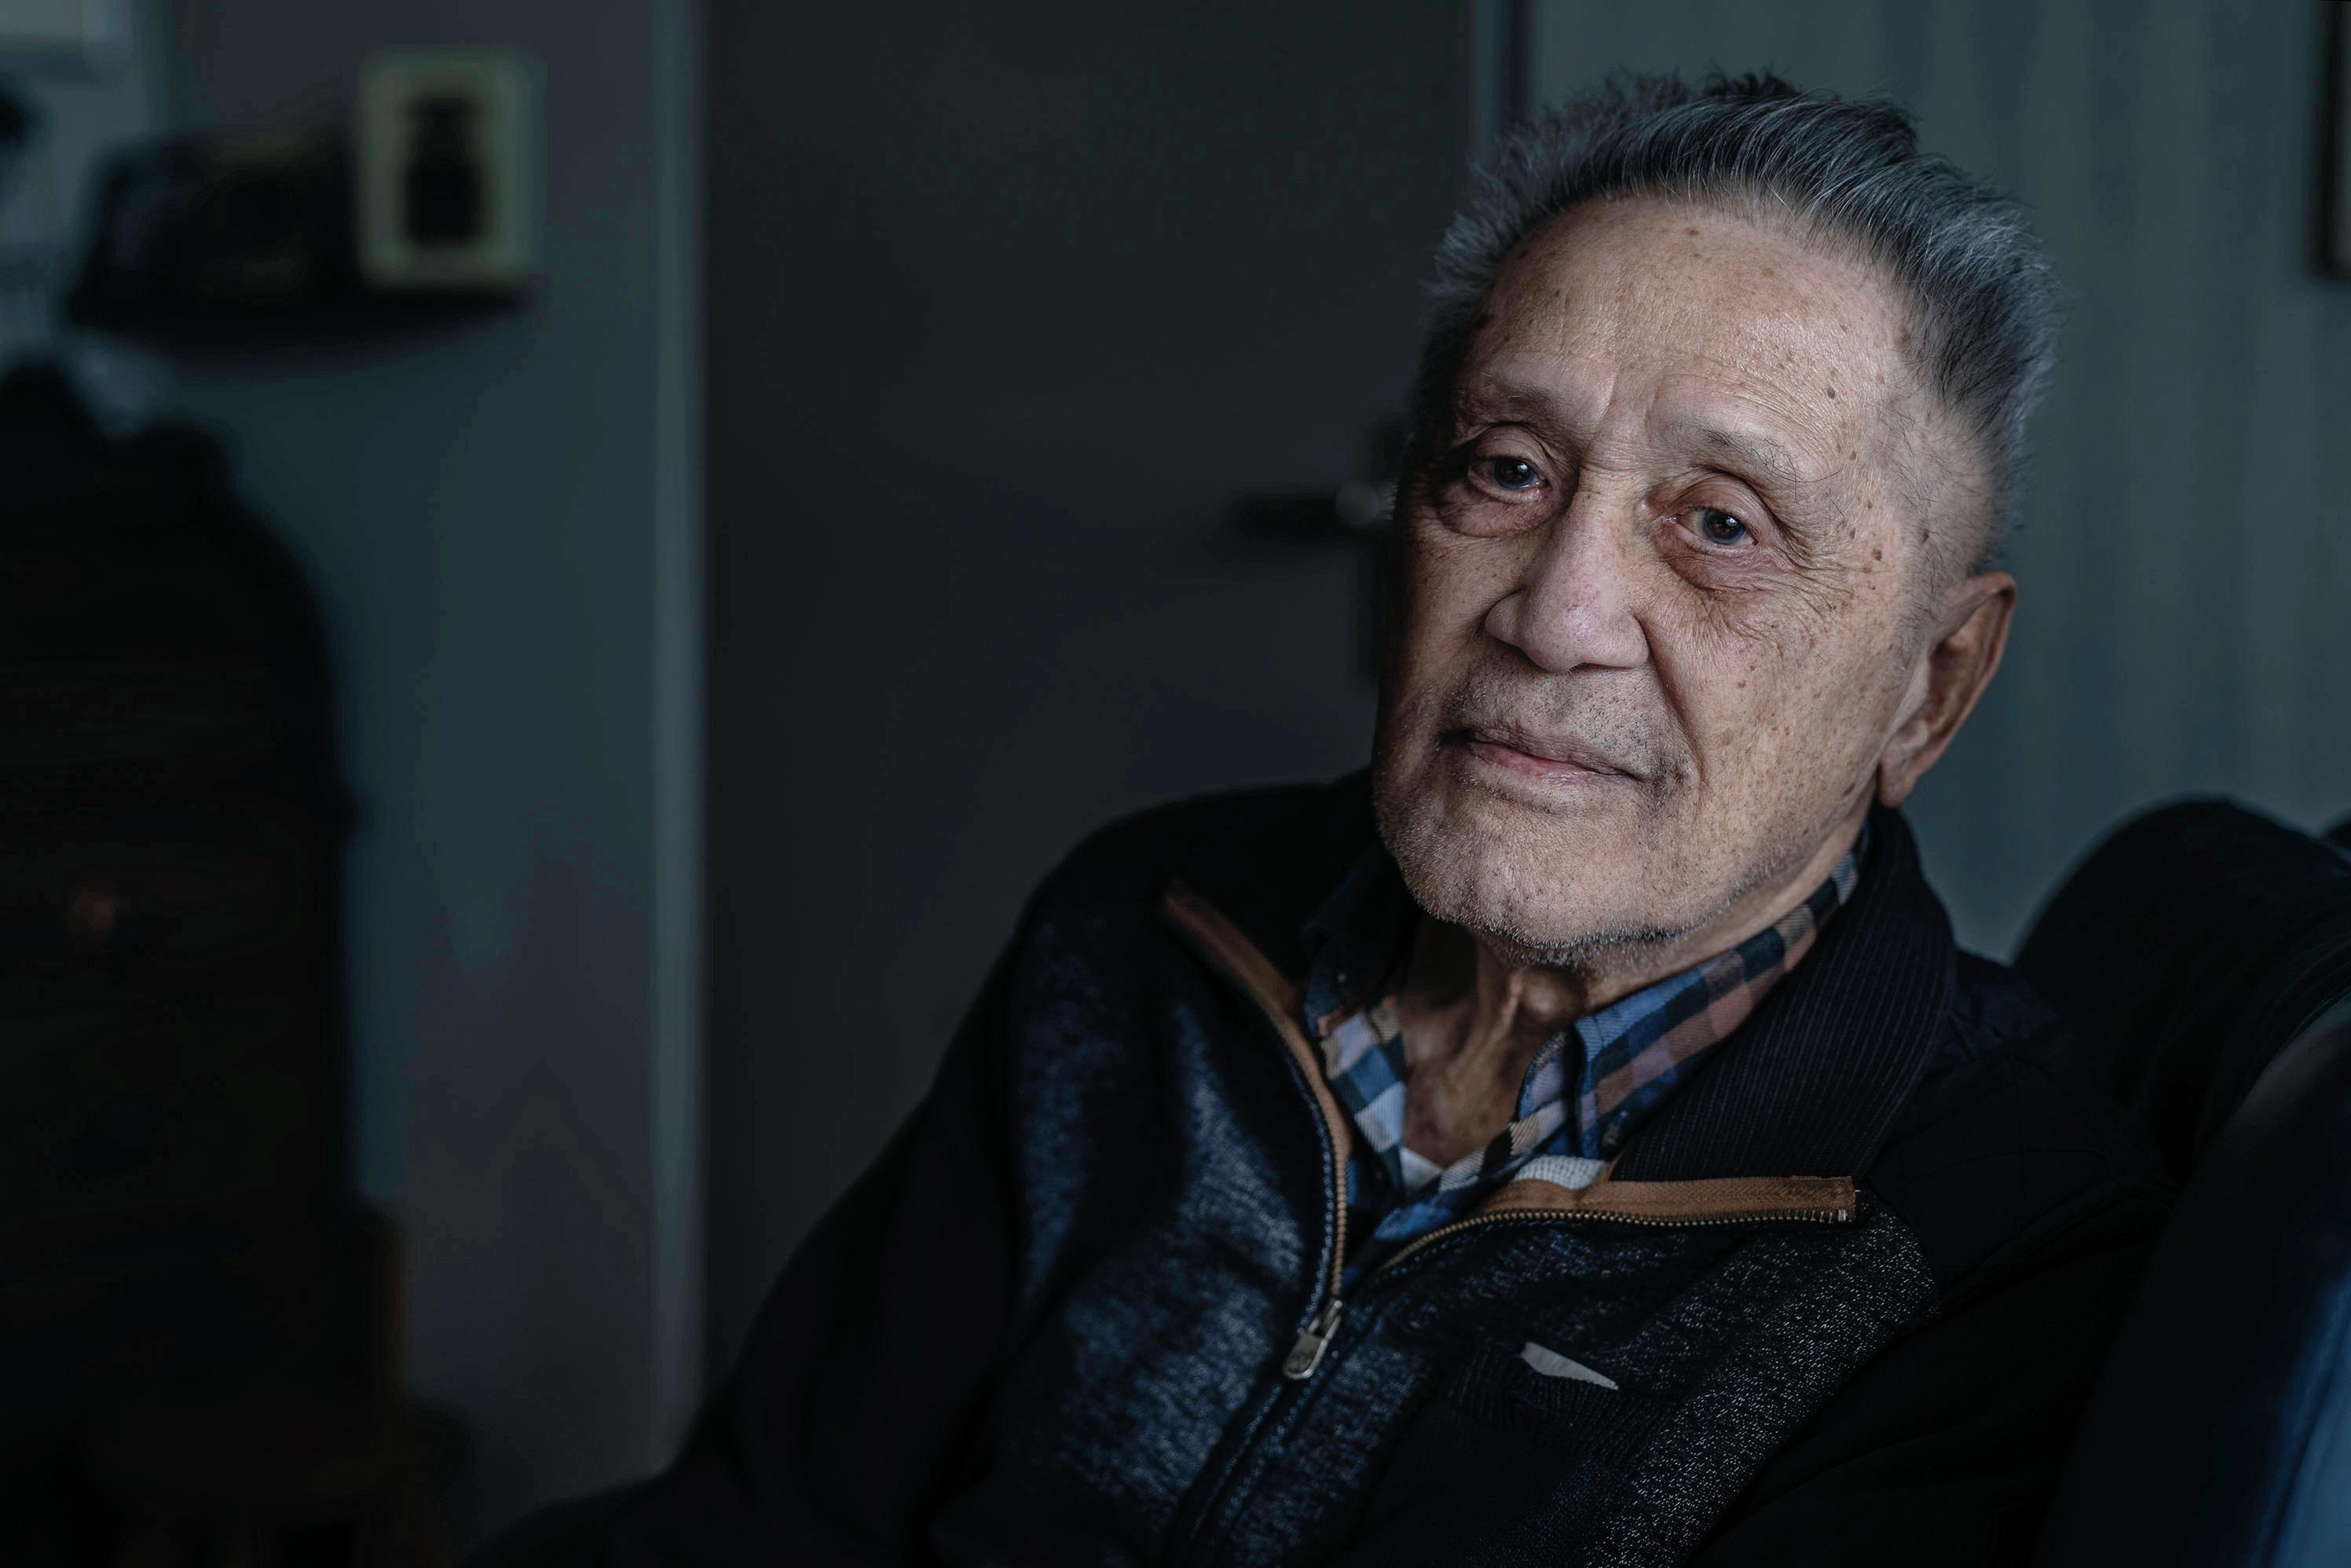 Katwijkse oorlogsheld Camille Stritzko (94) maakt zich op voor eenzame herdenking 75 jaar Bevrijding: 'Over vijf jaar dan maar'